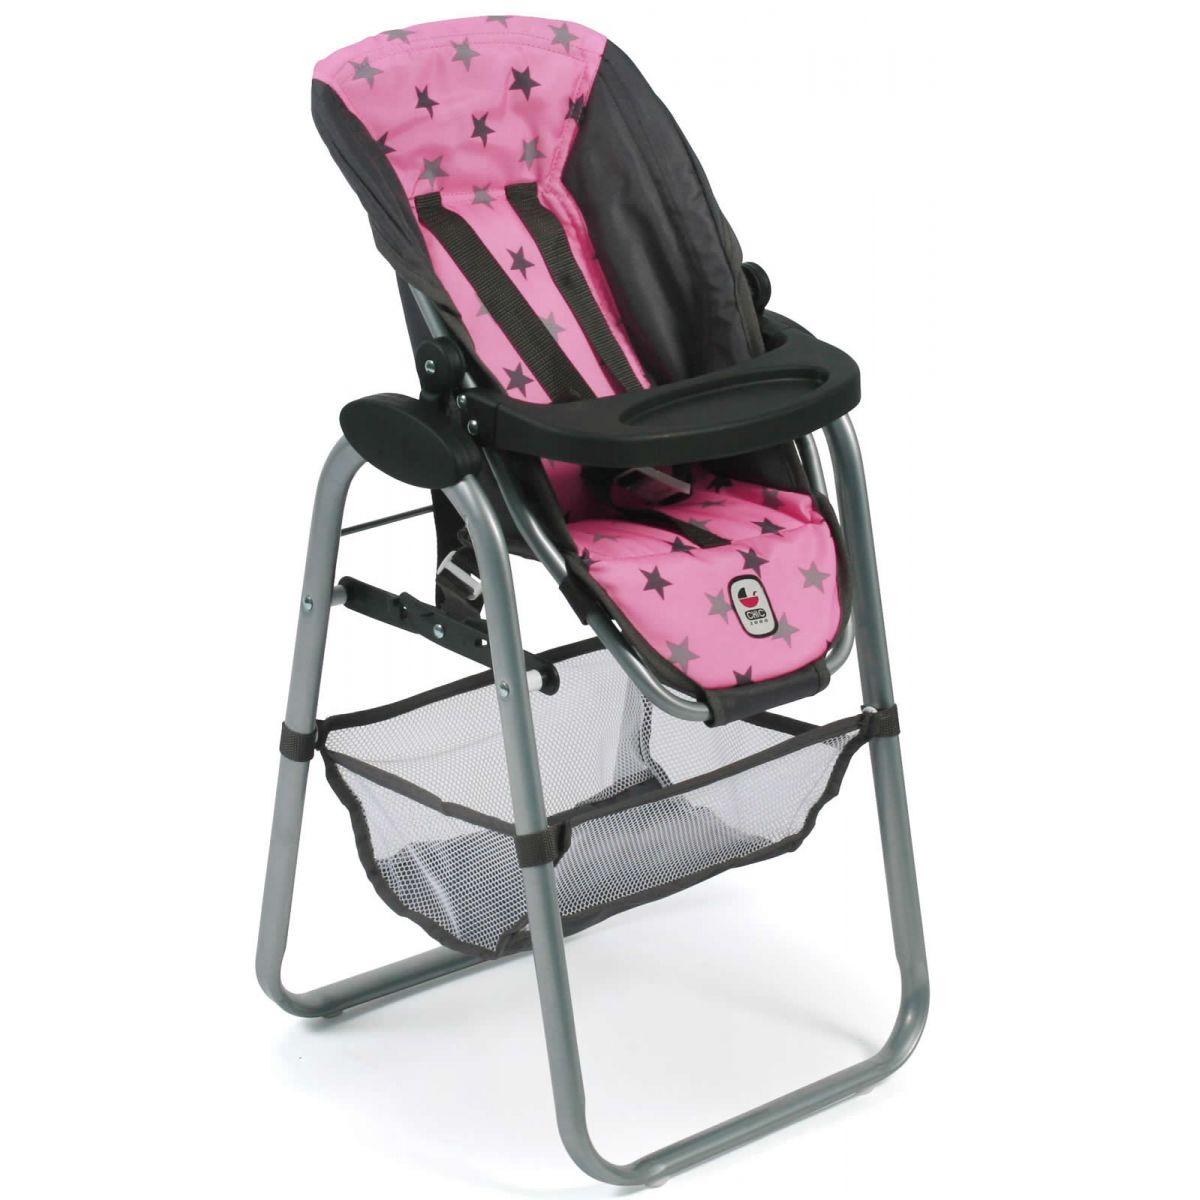 Bayer Chic Jídelní židlička pro panenku Hvězdičky šedivé